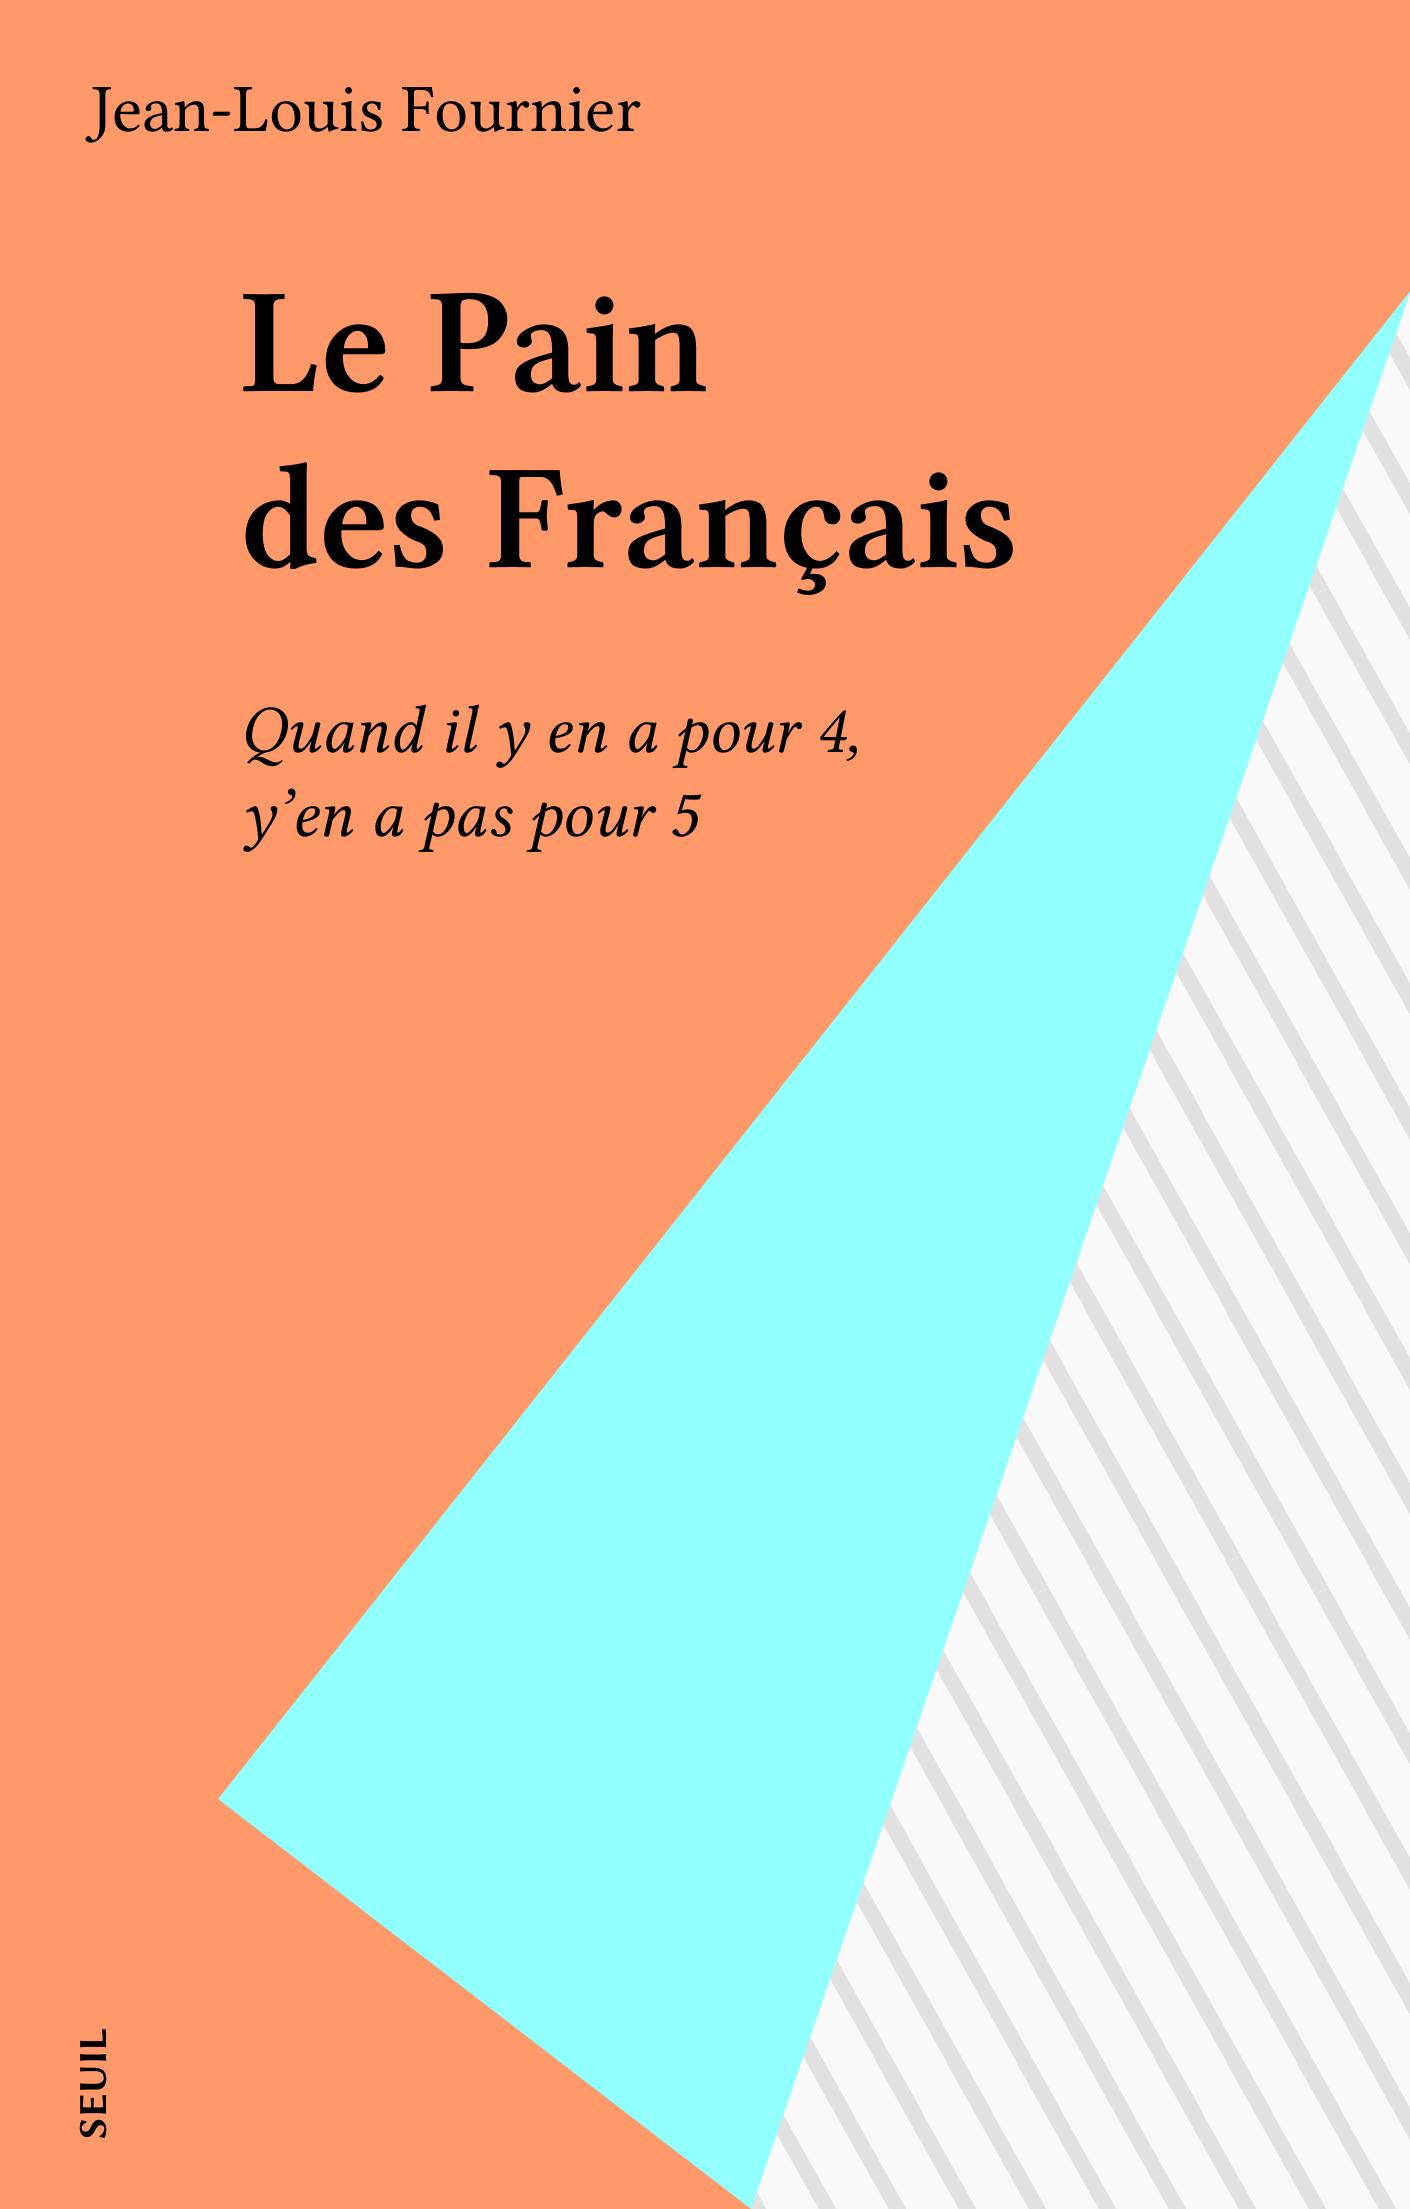 Le Pain des Français